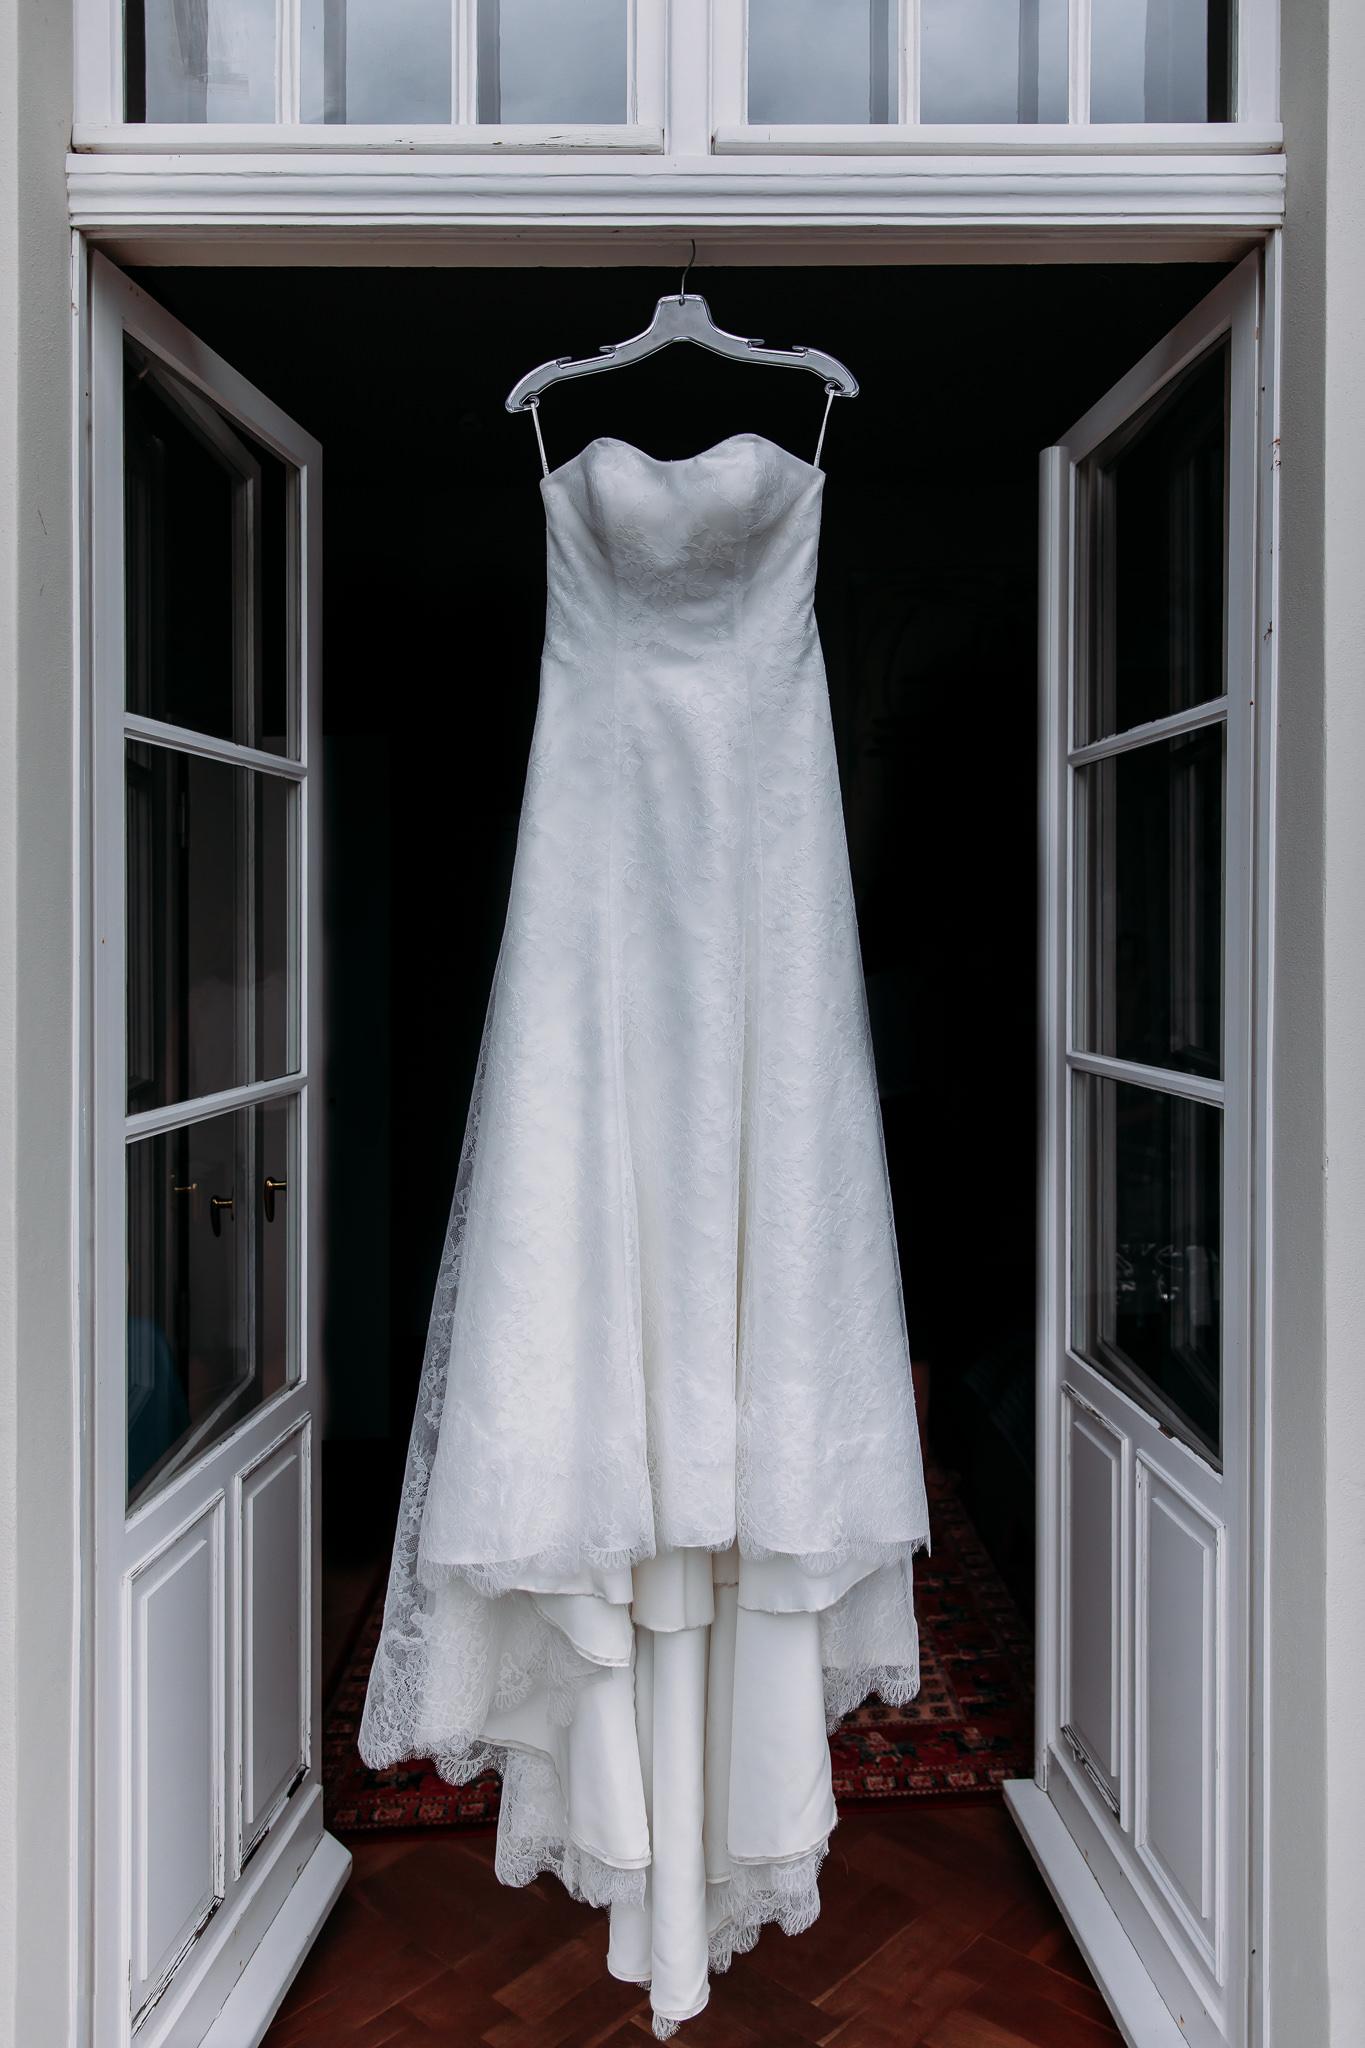 190705_Hochzeit_Villa_Blumenfisch_Wannssee_freie_Trauung_0004.jpg